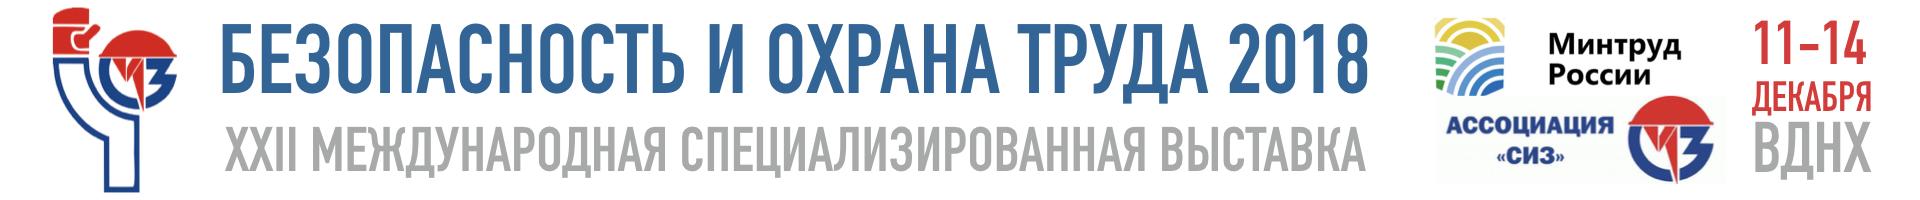 XXII Международная специализированная выставка «Безопасность и охрана труда- 2018»